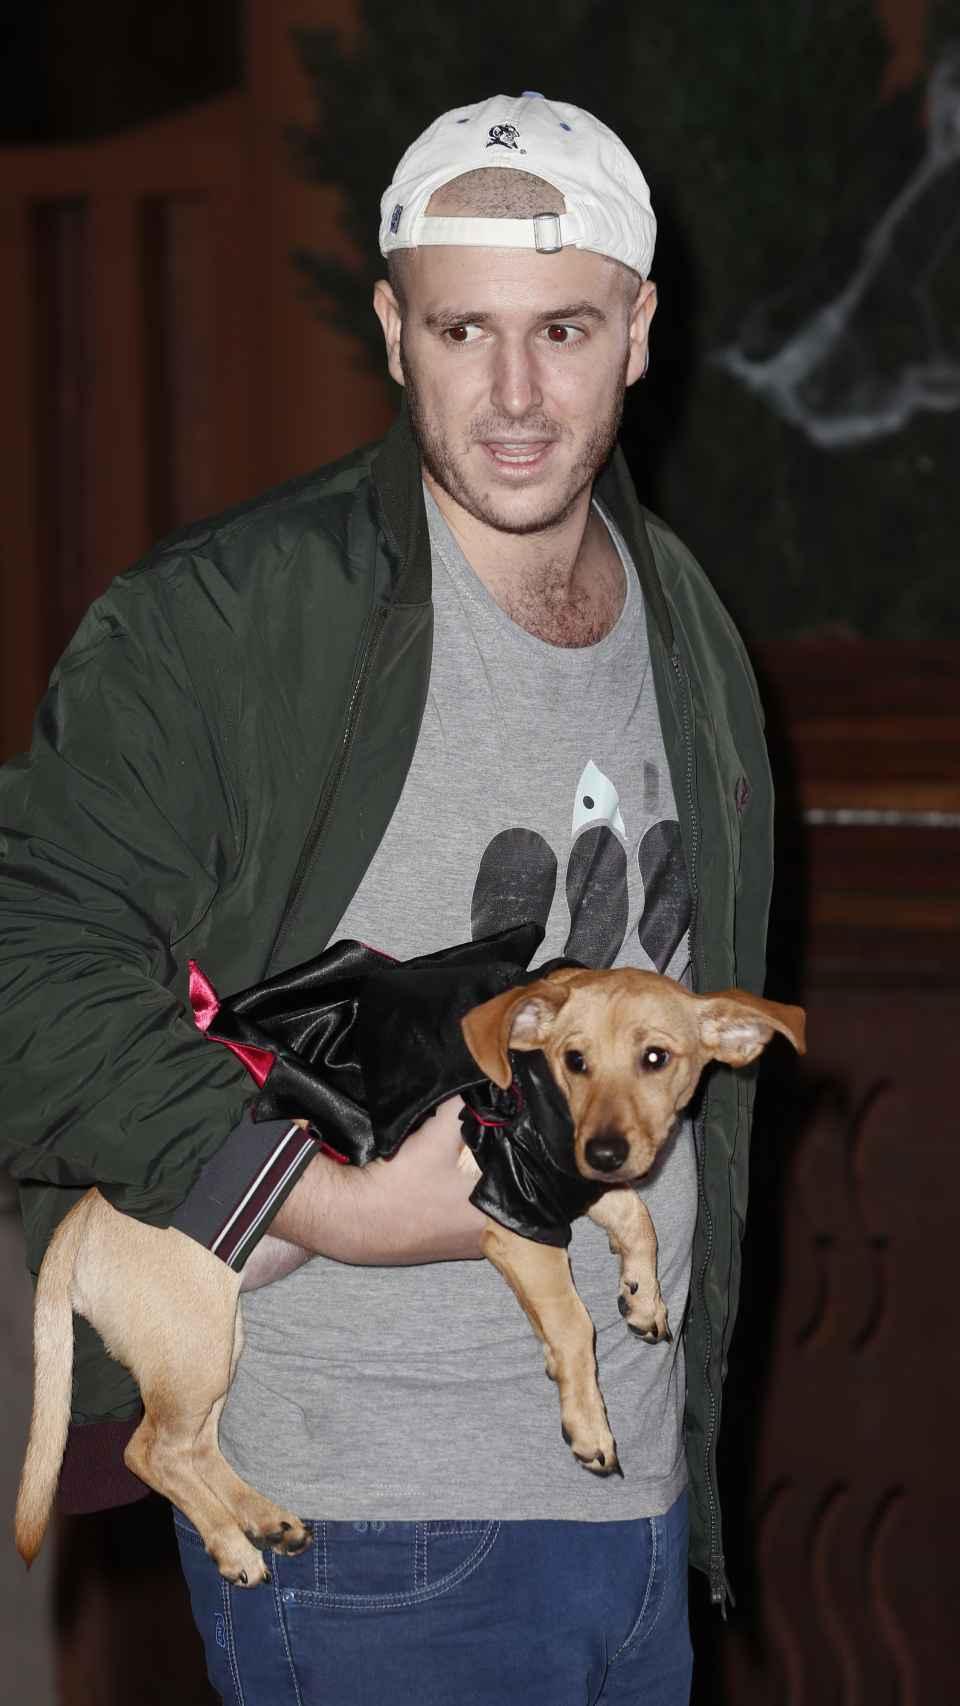 Álex Lequio junto a su mascota Boby Puchum y su gorra de la Universidad de Duke.